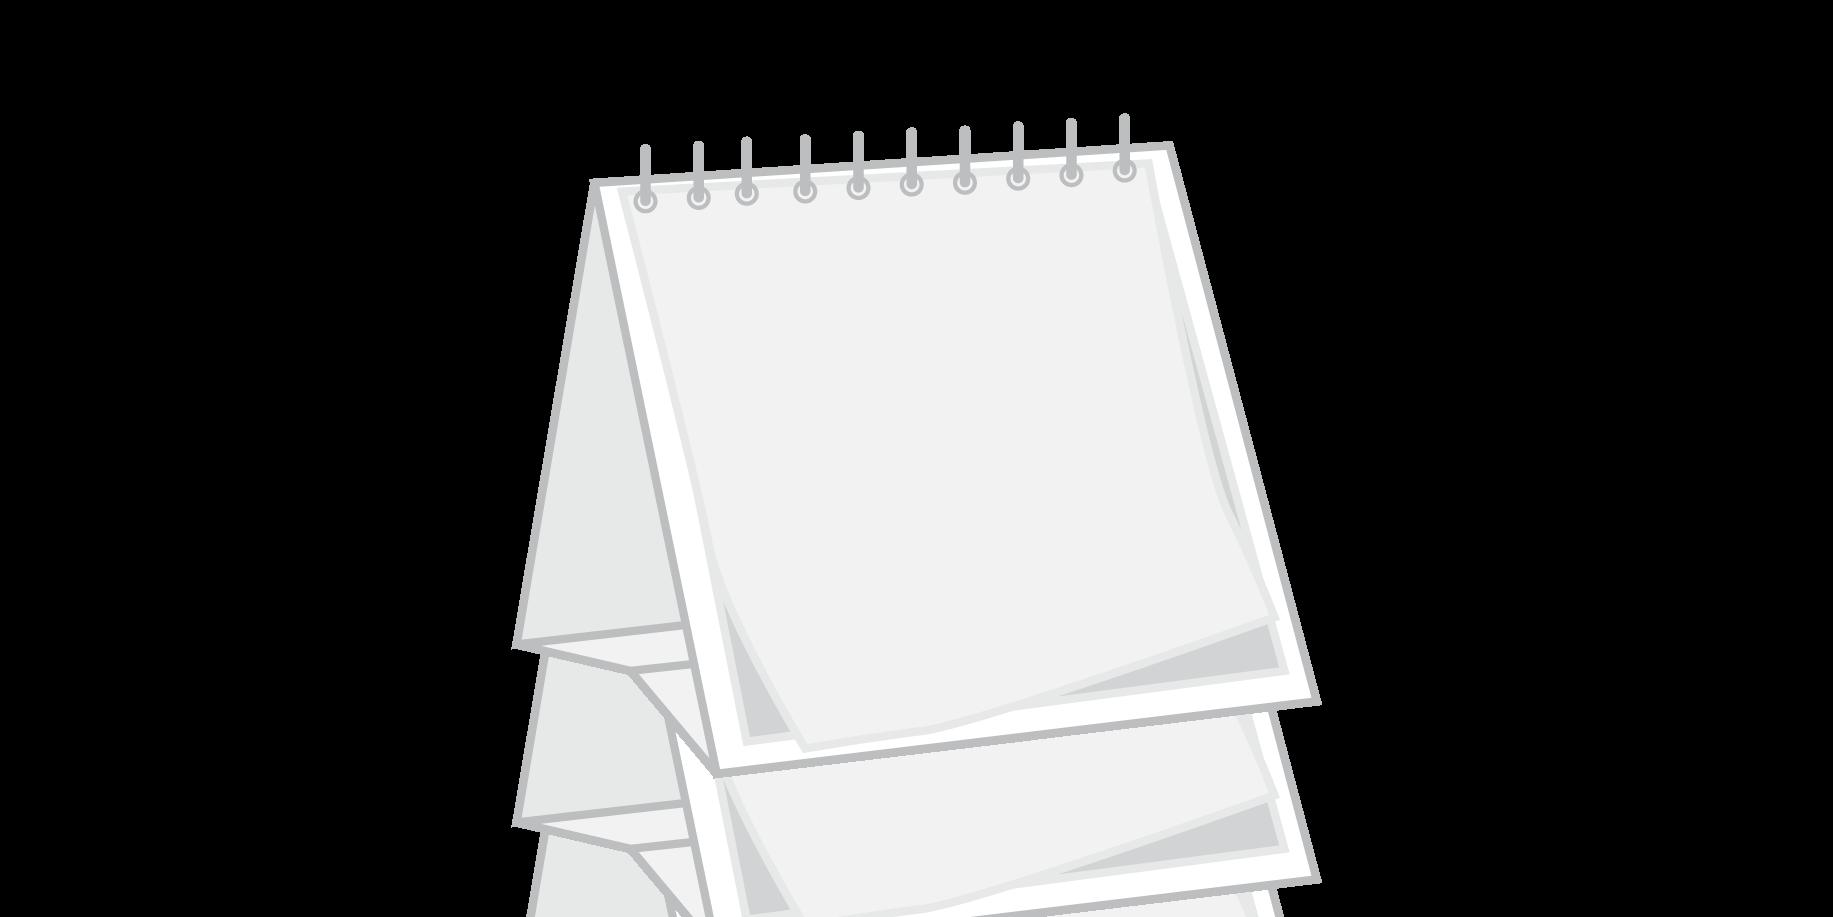 StudioKalendarzy.pl - kalendarze biurkowe indywidualne